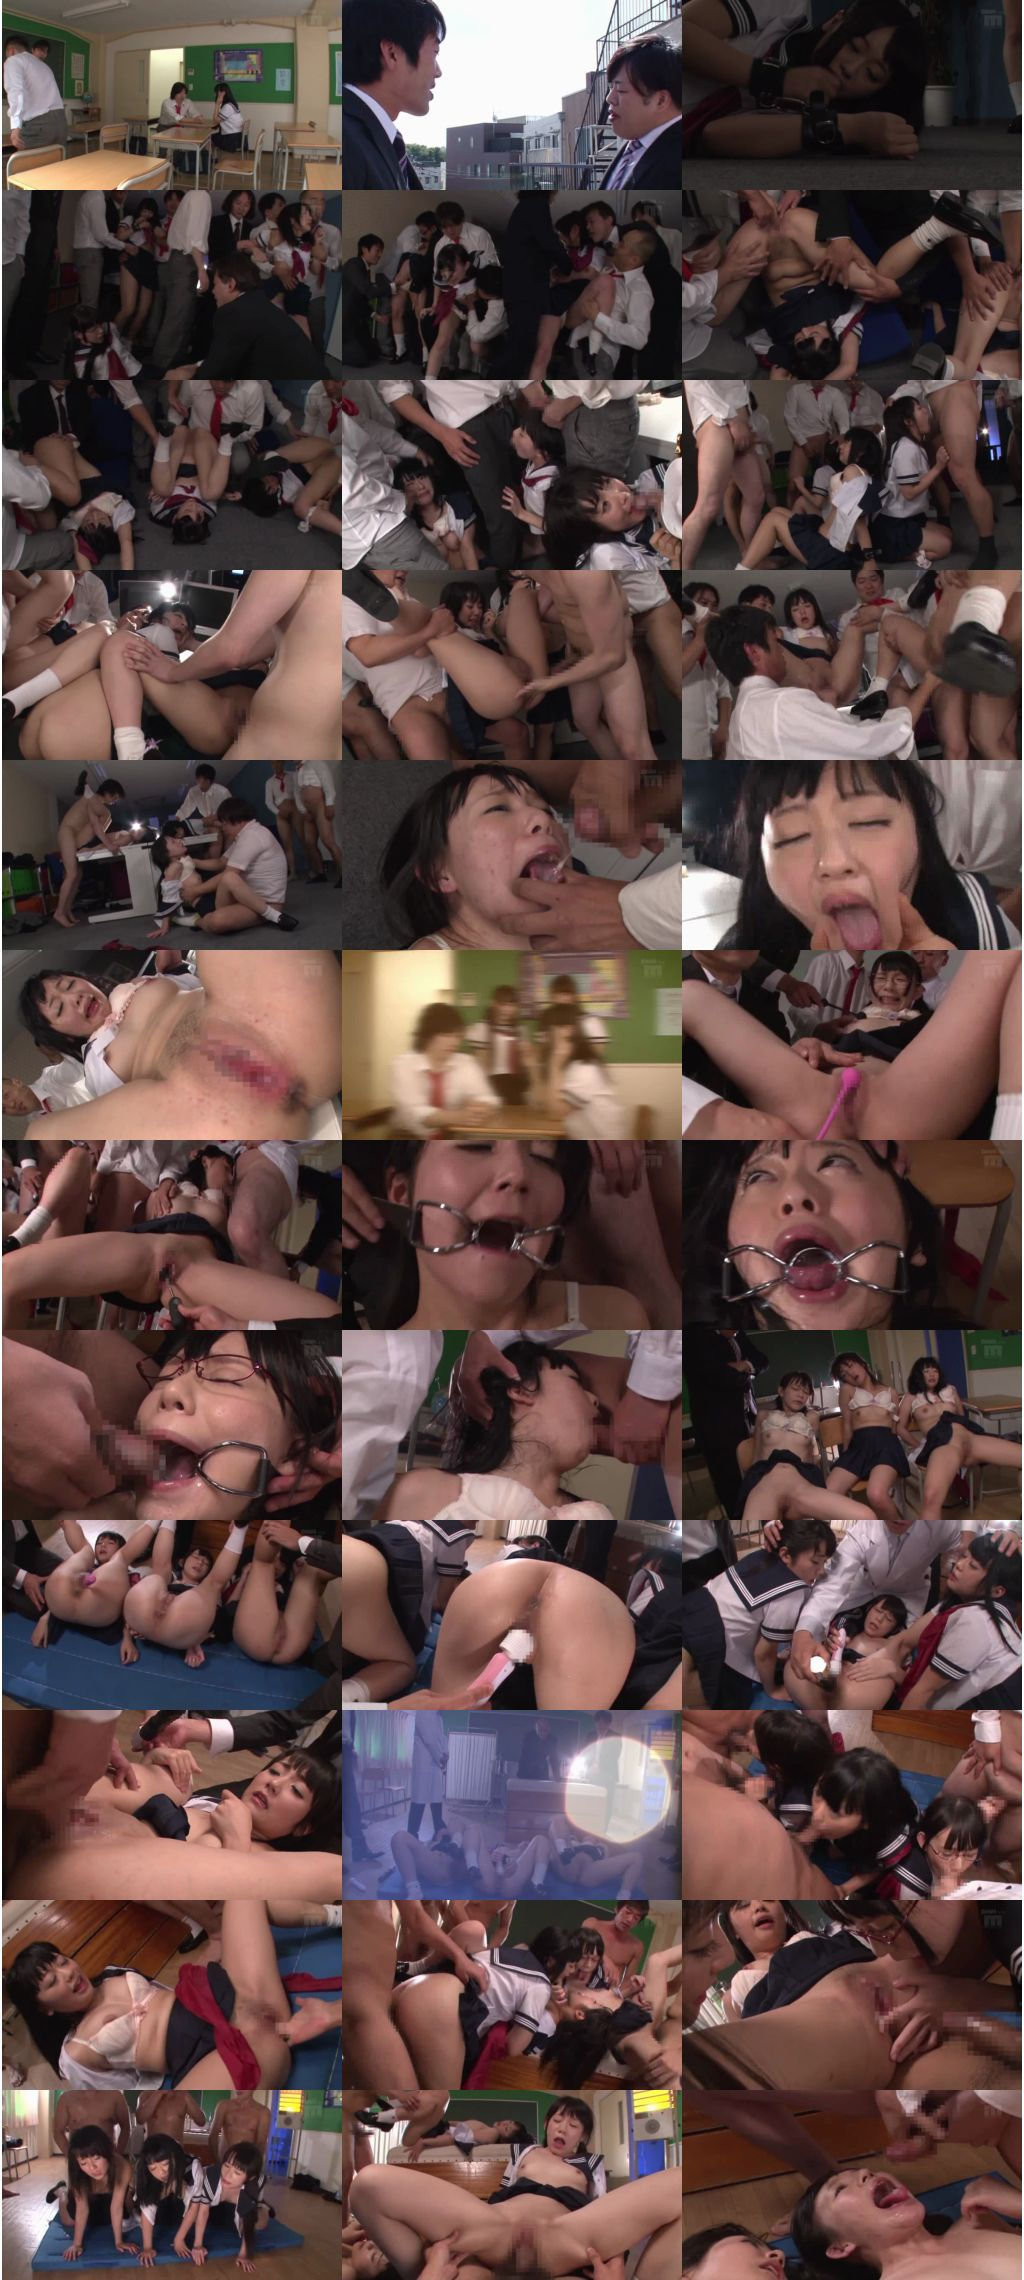 MIGD 636 s - [MIGD-636] 強制中出し!強制ごっくん!女子校生ザーメン奴隷学園 Yu Tsujii 顔射・ザーメン MOODYZ 女子校生  Facial/Semen